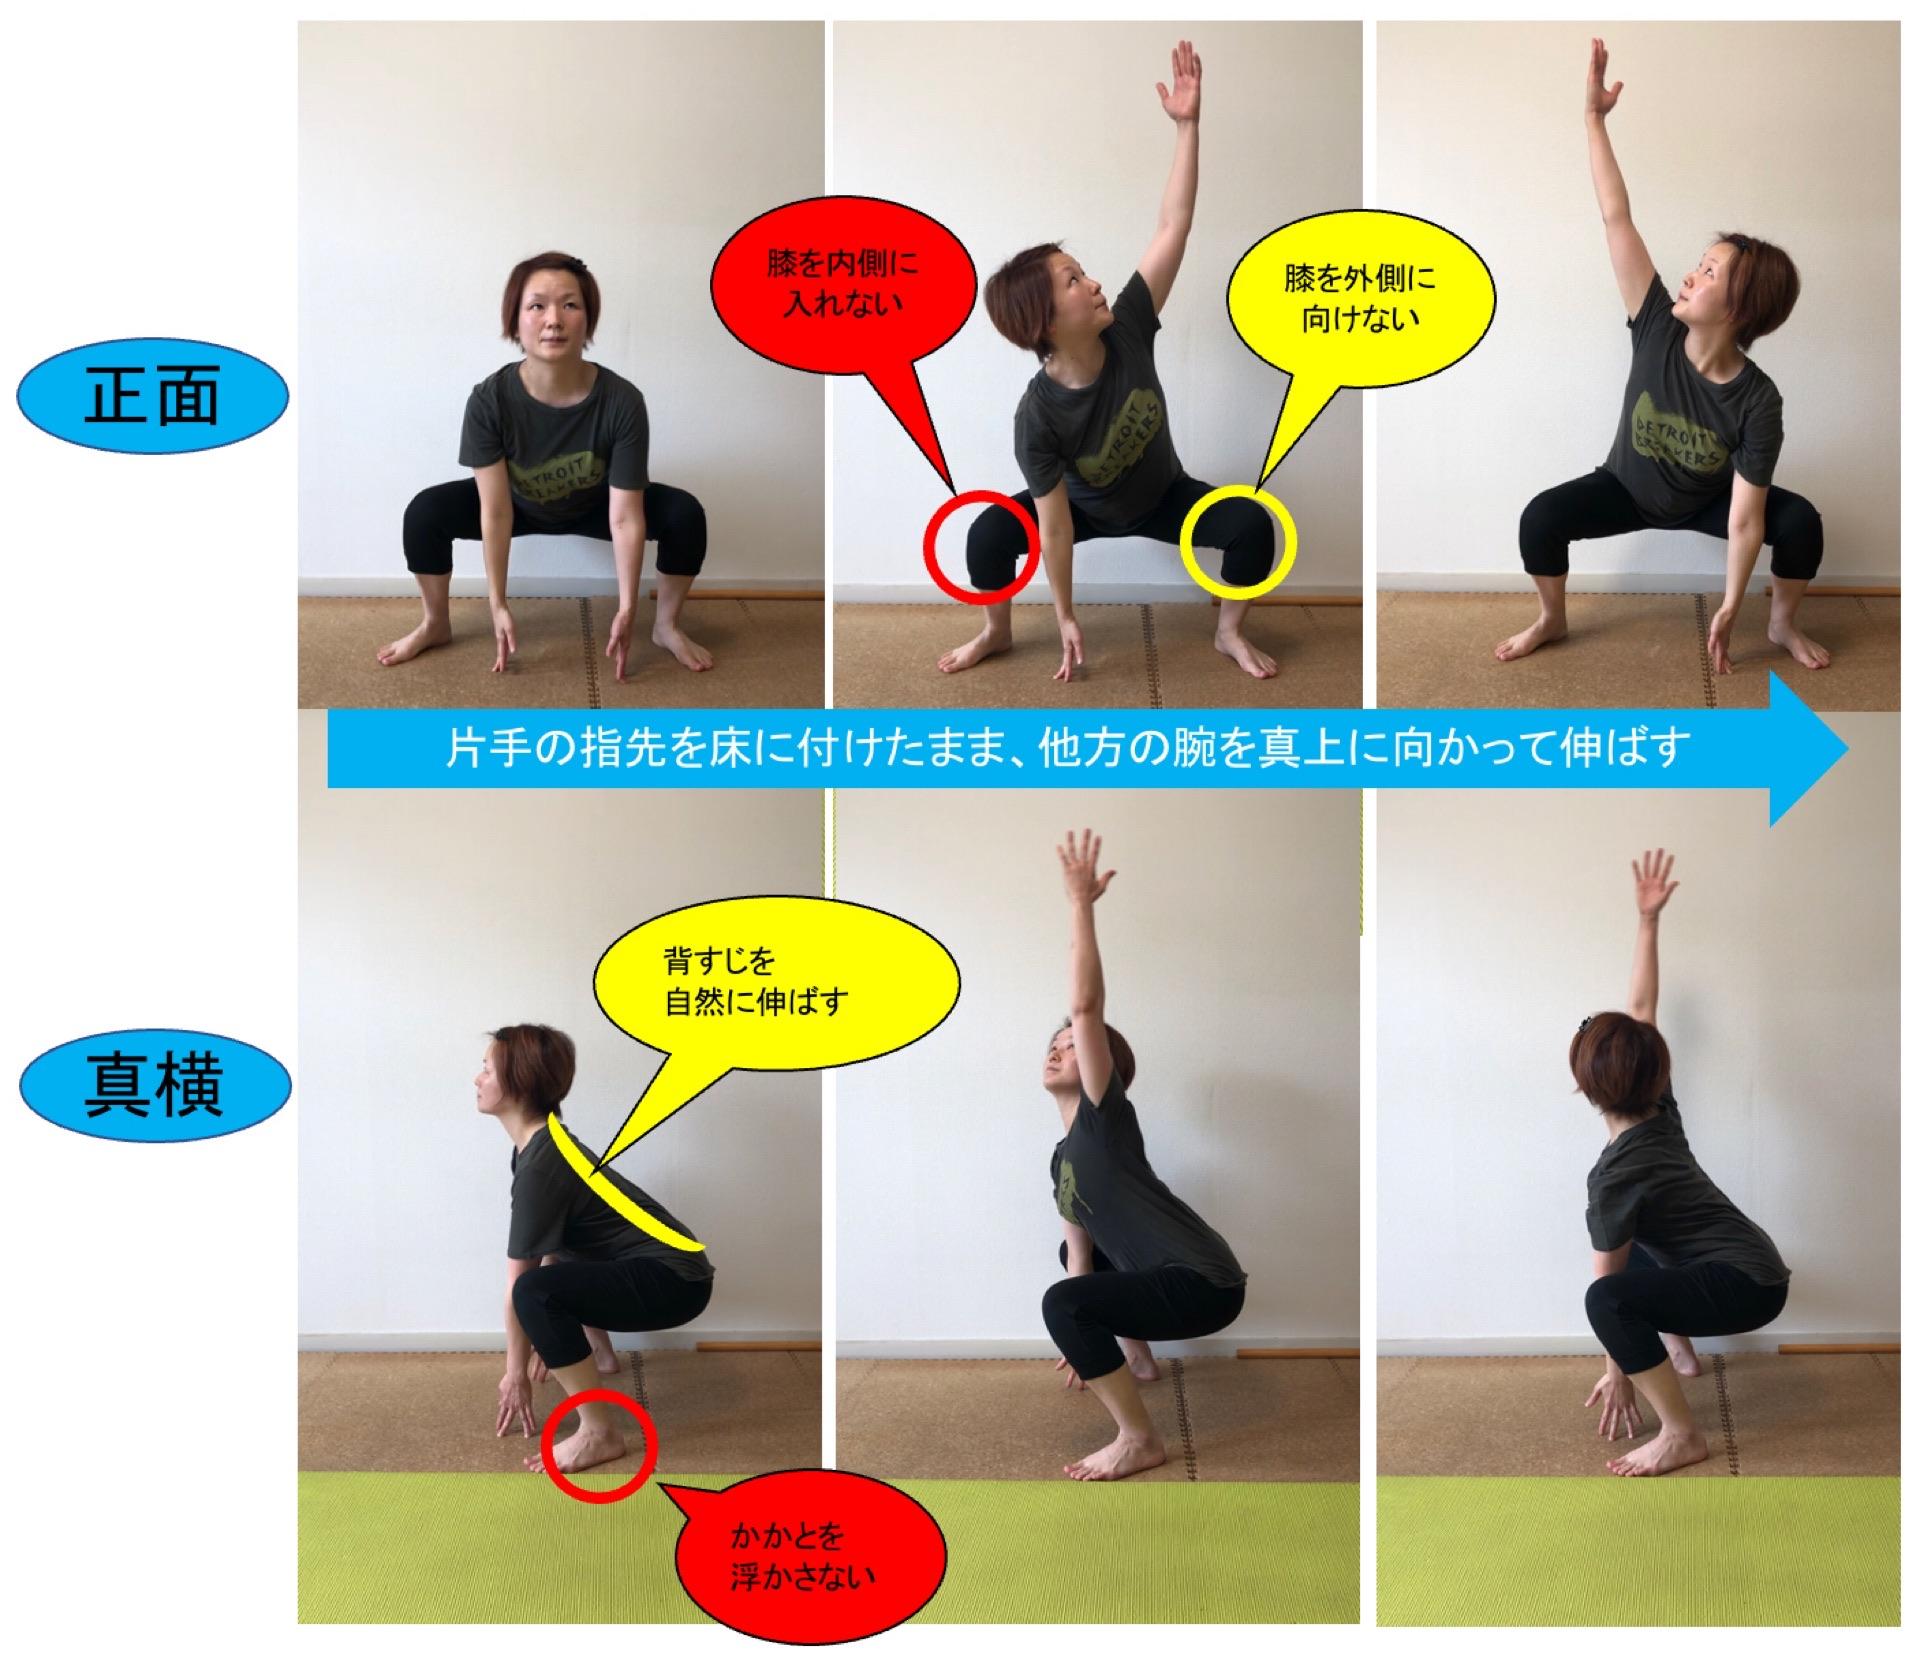 股関節の可動域をアップするエクササイズ